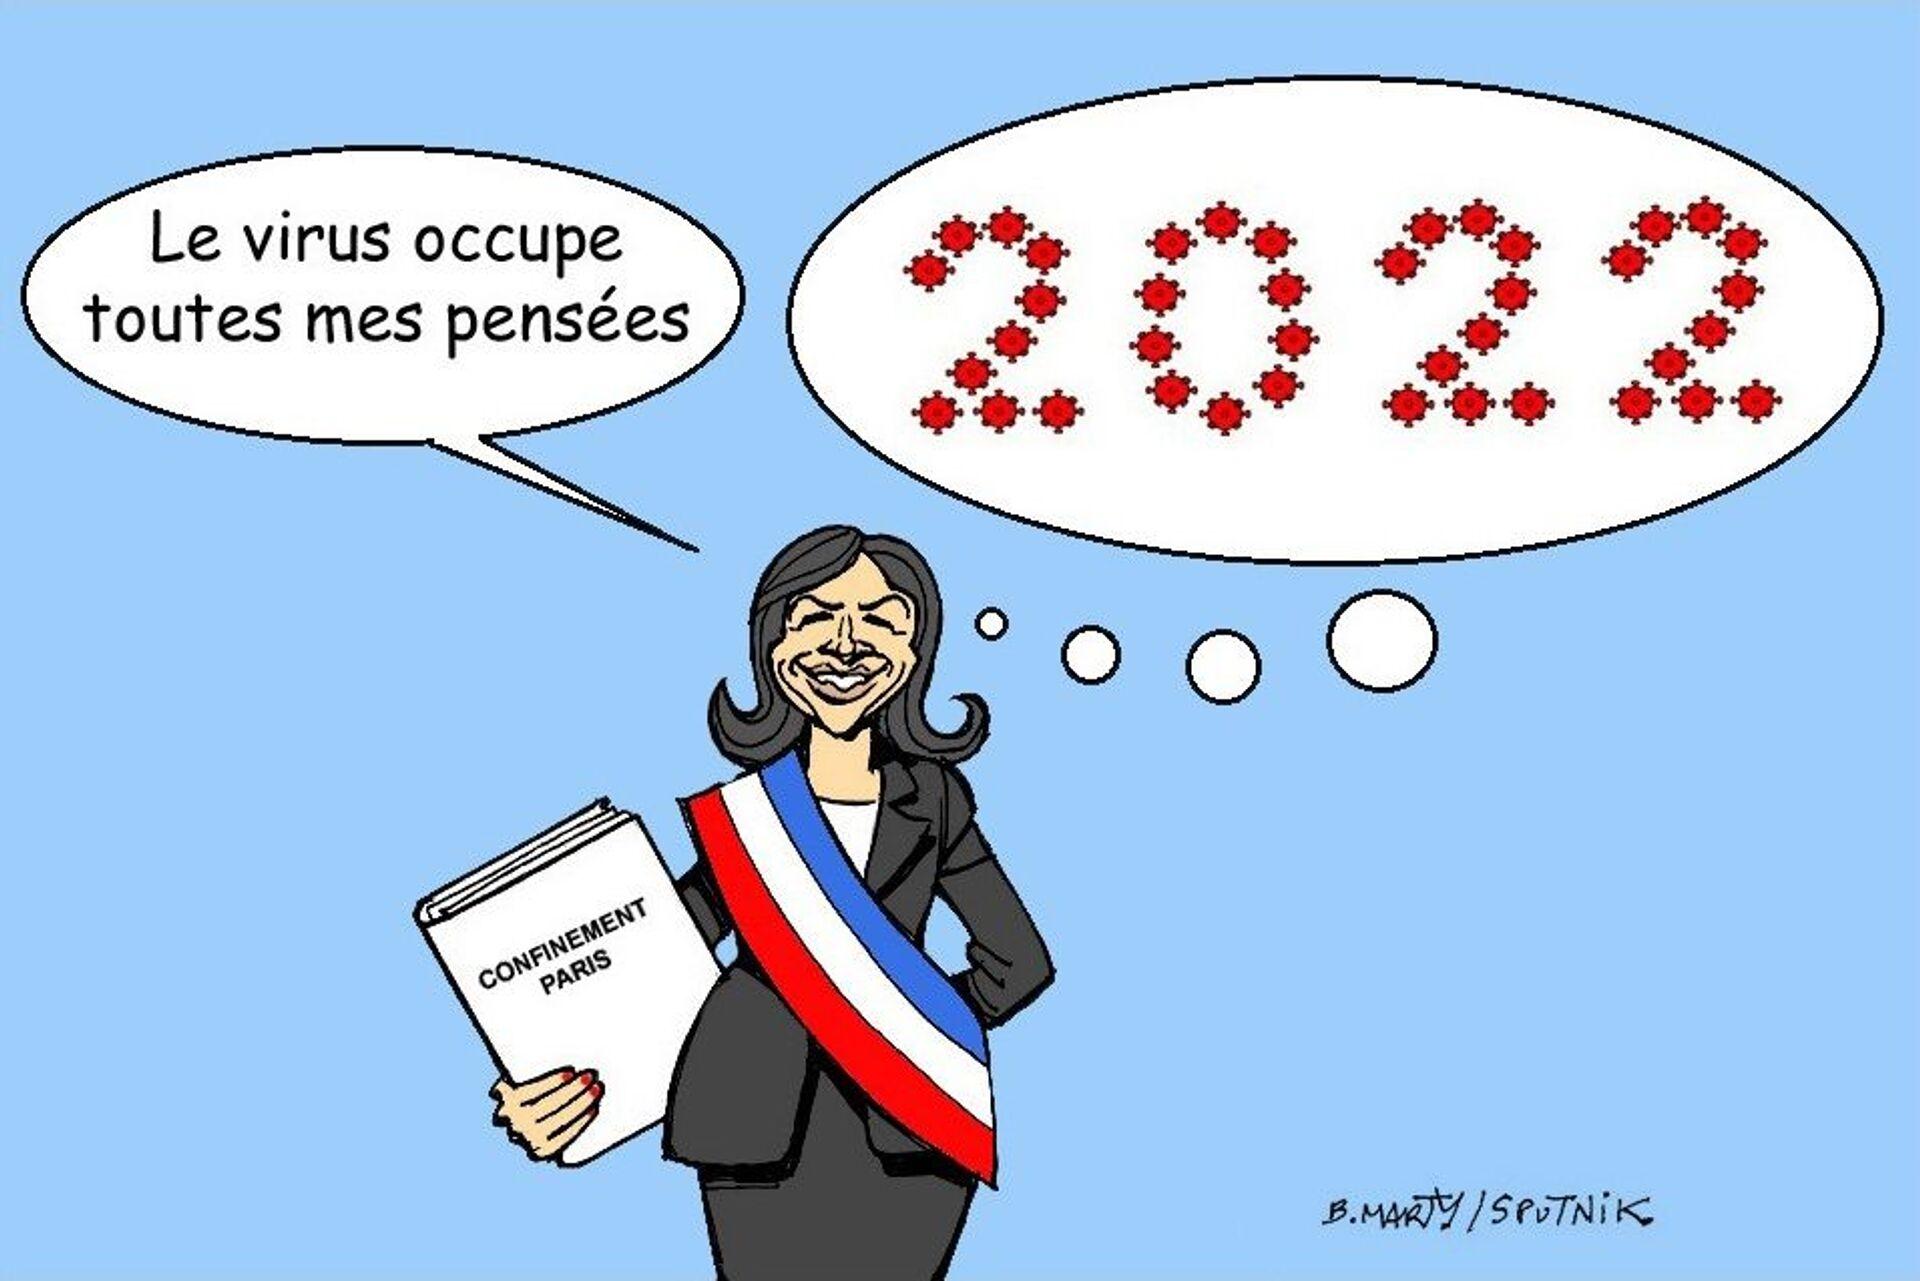 Confinement de la capitale: «Les Parisiens sont devenus les cobayes de la campagne présidentielle de Mme Hidalgo» - Sputnik France, 1920, 26.02.2021